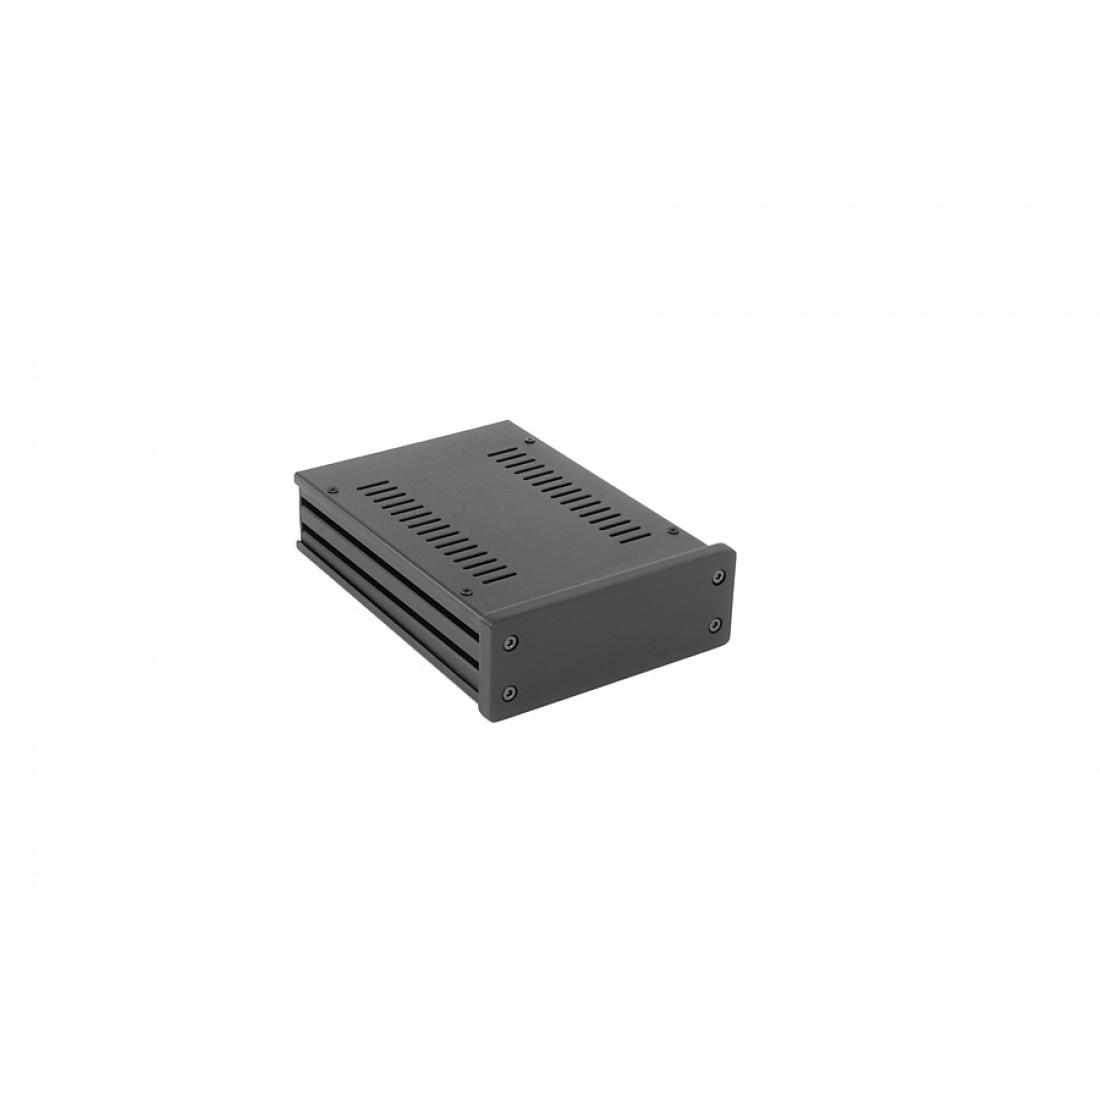 1NGX147N - 1U Galaxy krabice, 124 x 170 x 40mm, 10mm panel černý, Fe víka